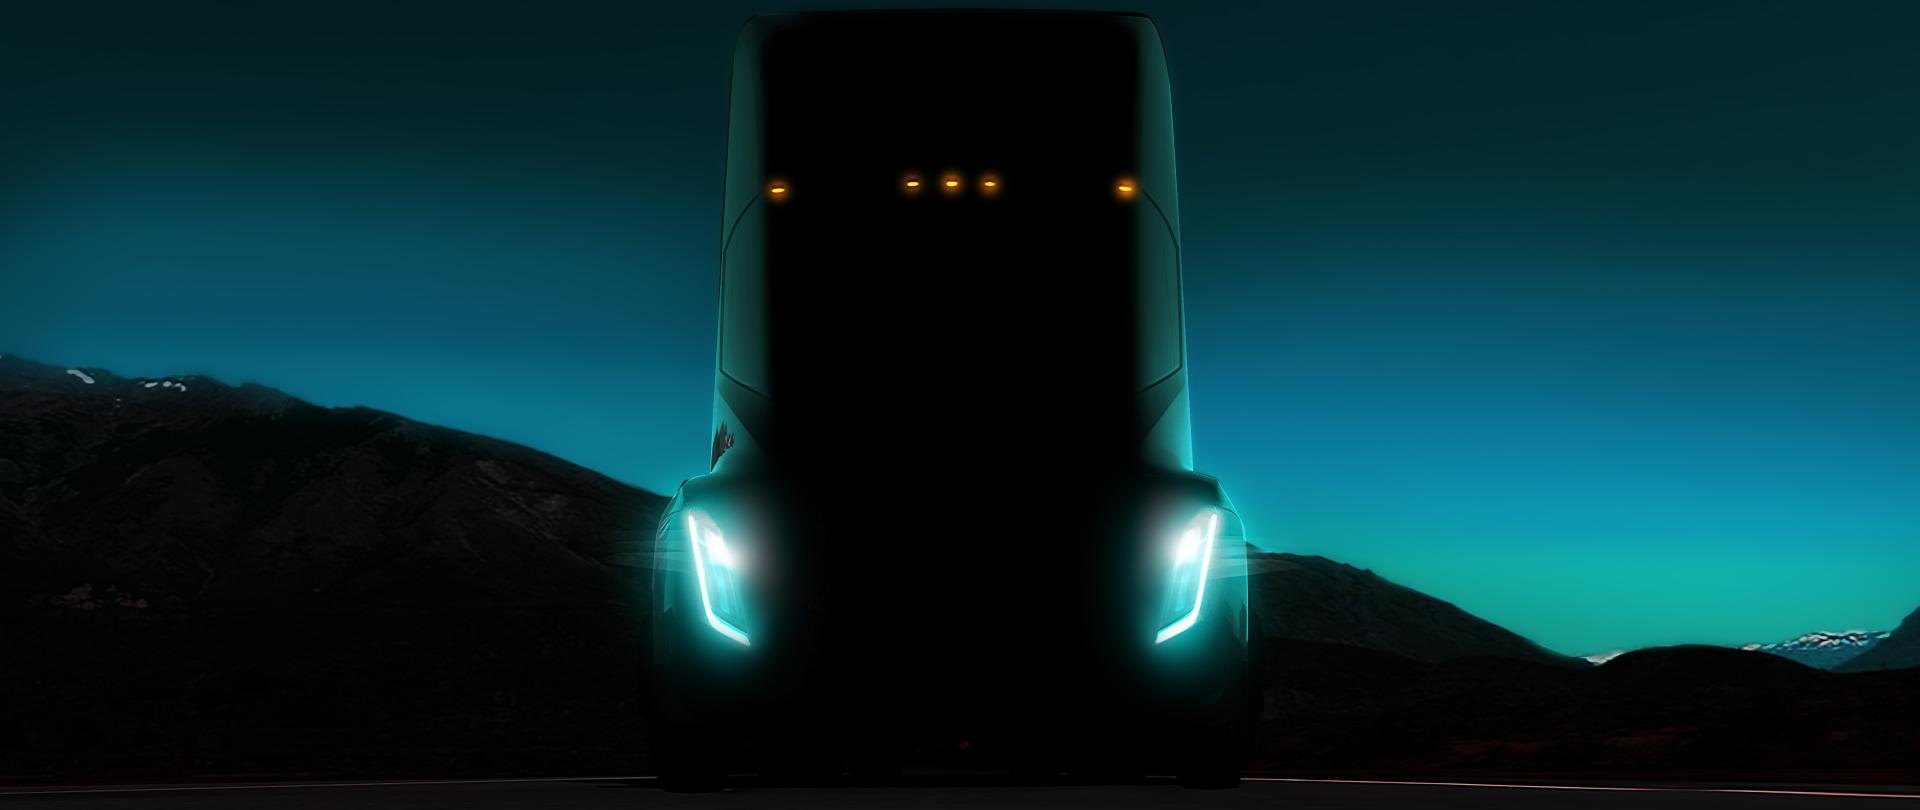 Tesla Semi wird wohl erst 2021 auf die Straße kommen - Markteinführung verschoben